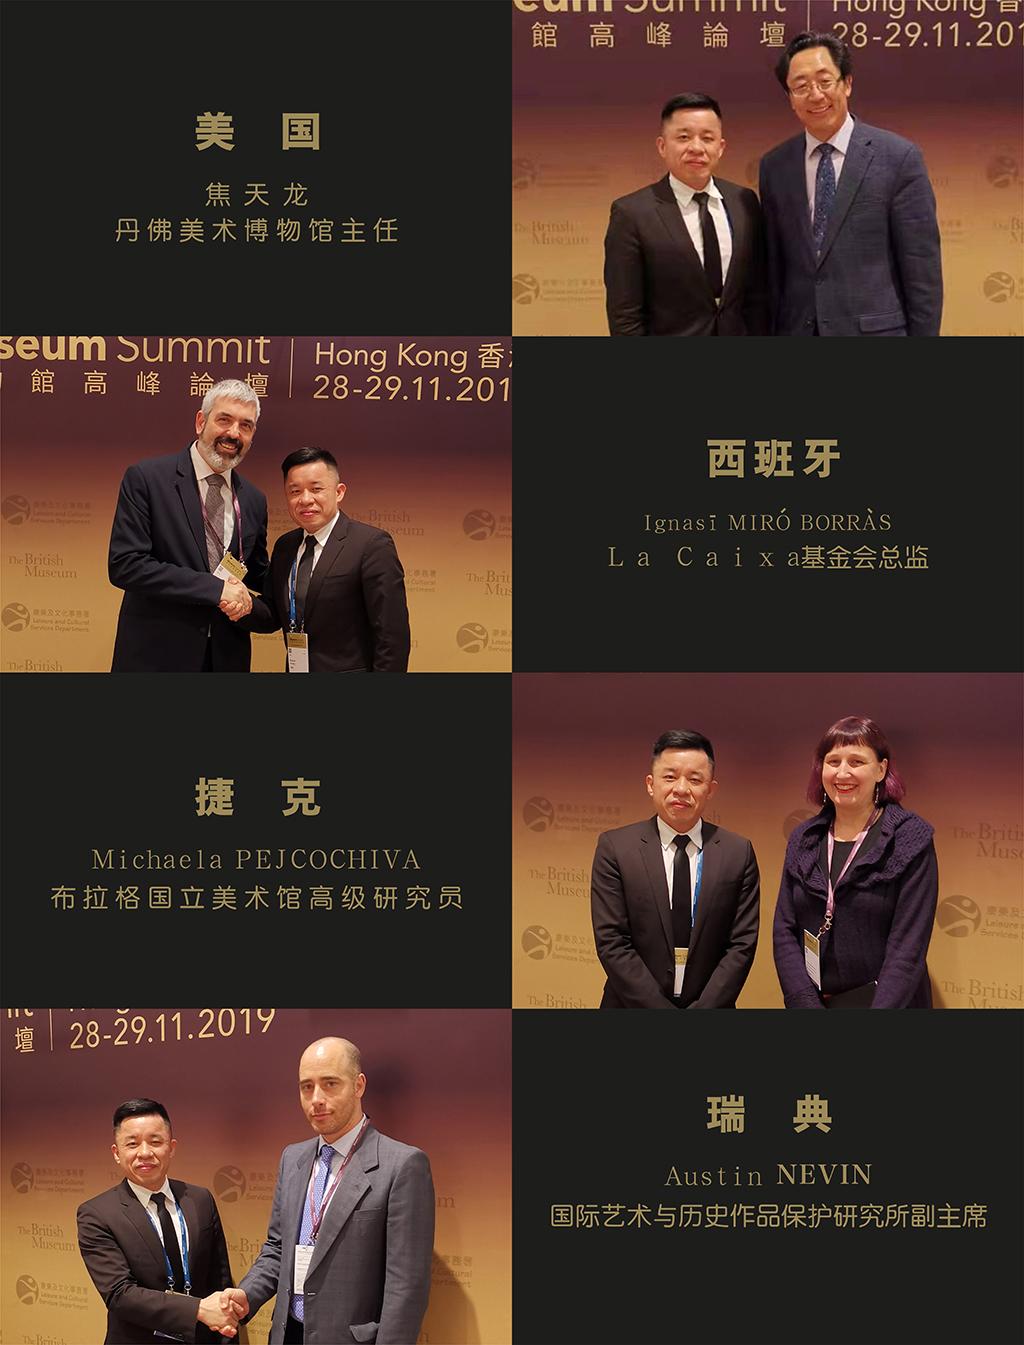 香港博物馆合影9-1.jpg